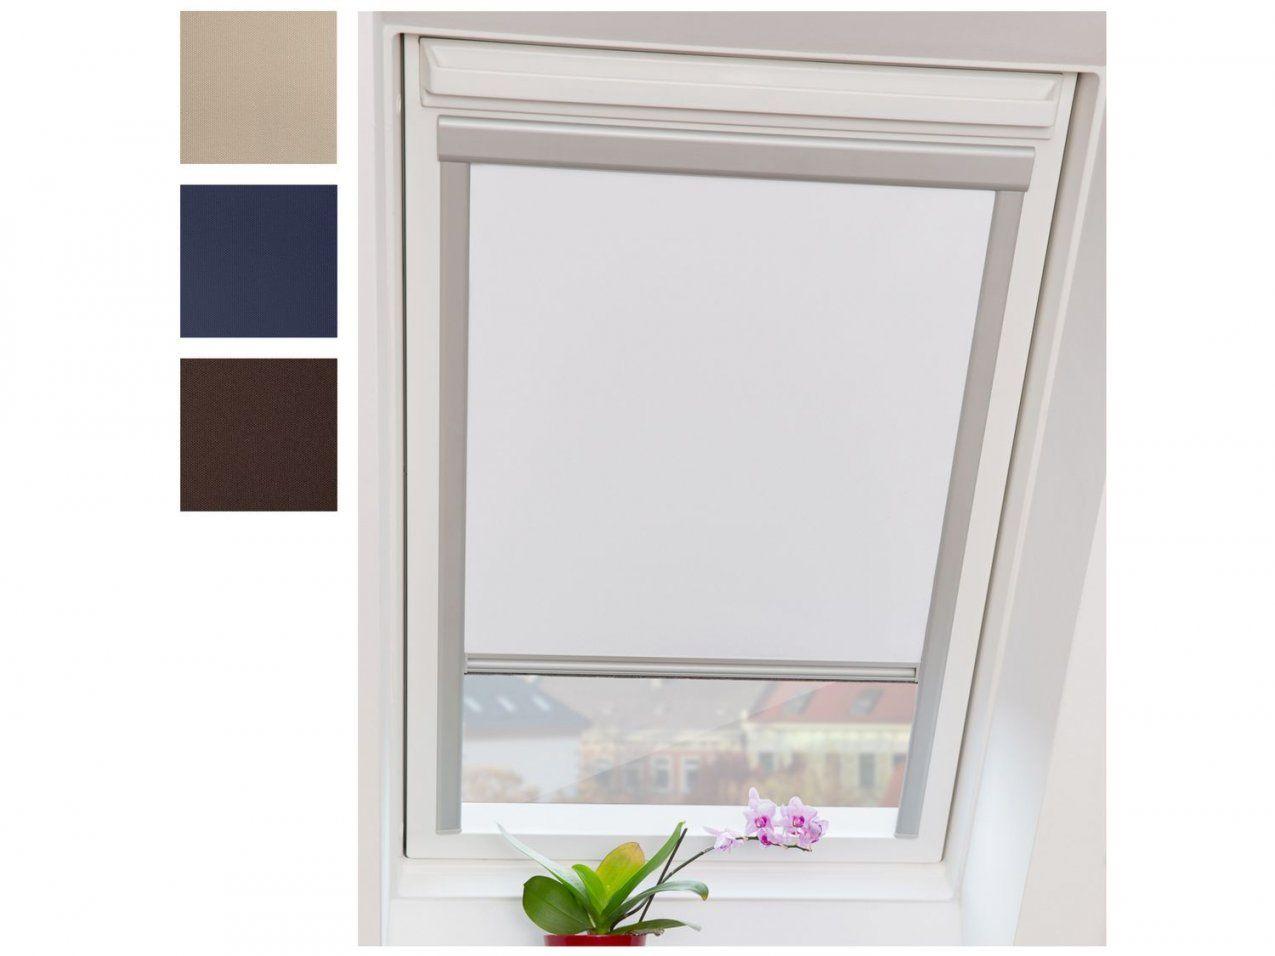 Dachfensterrollos  Lidl Deutschland  Lidl von Velux Dachfenster Plissee Ohne Bohren Bild